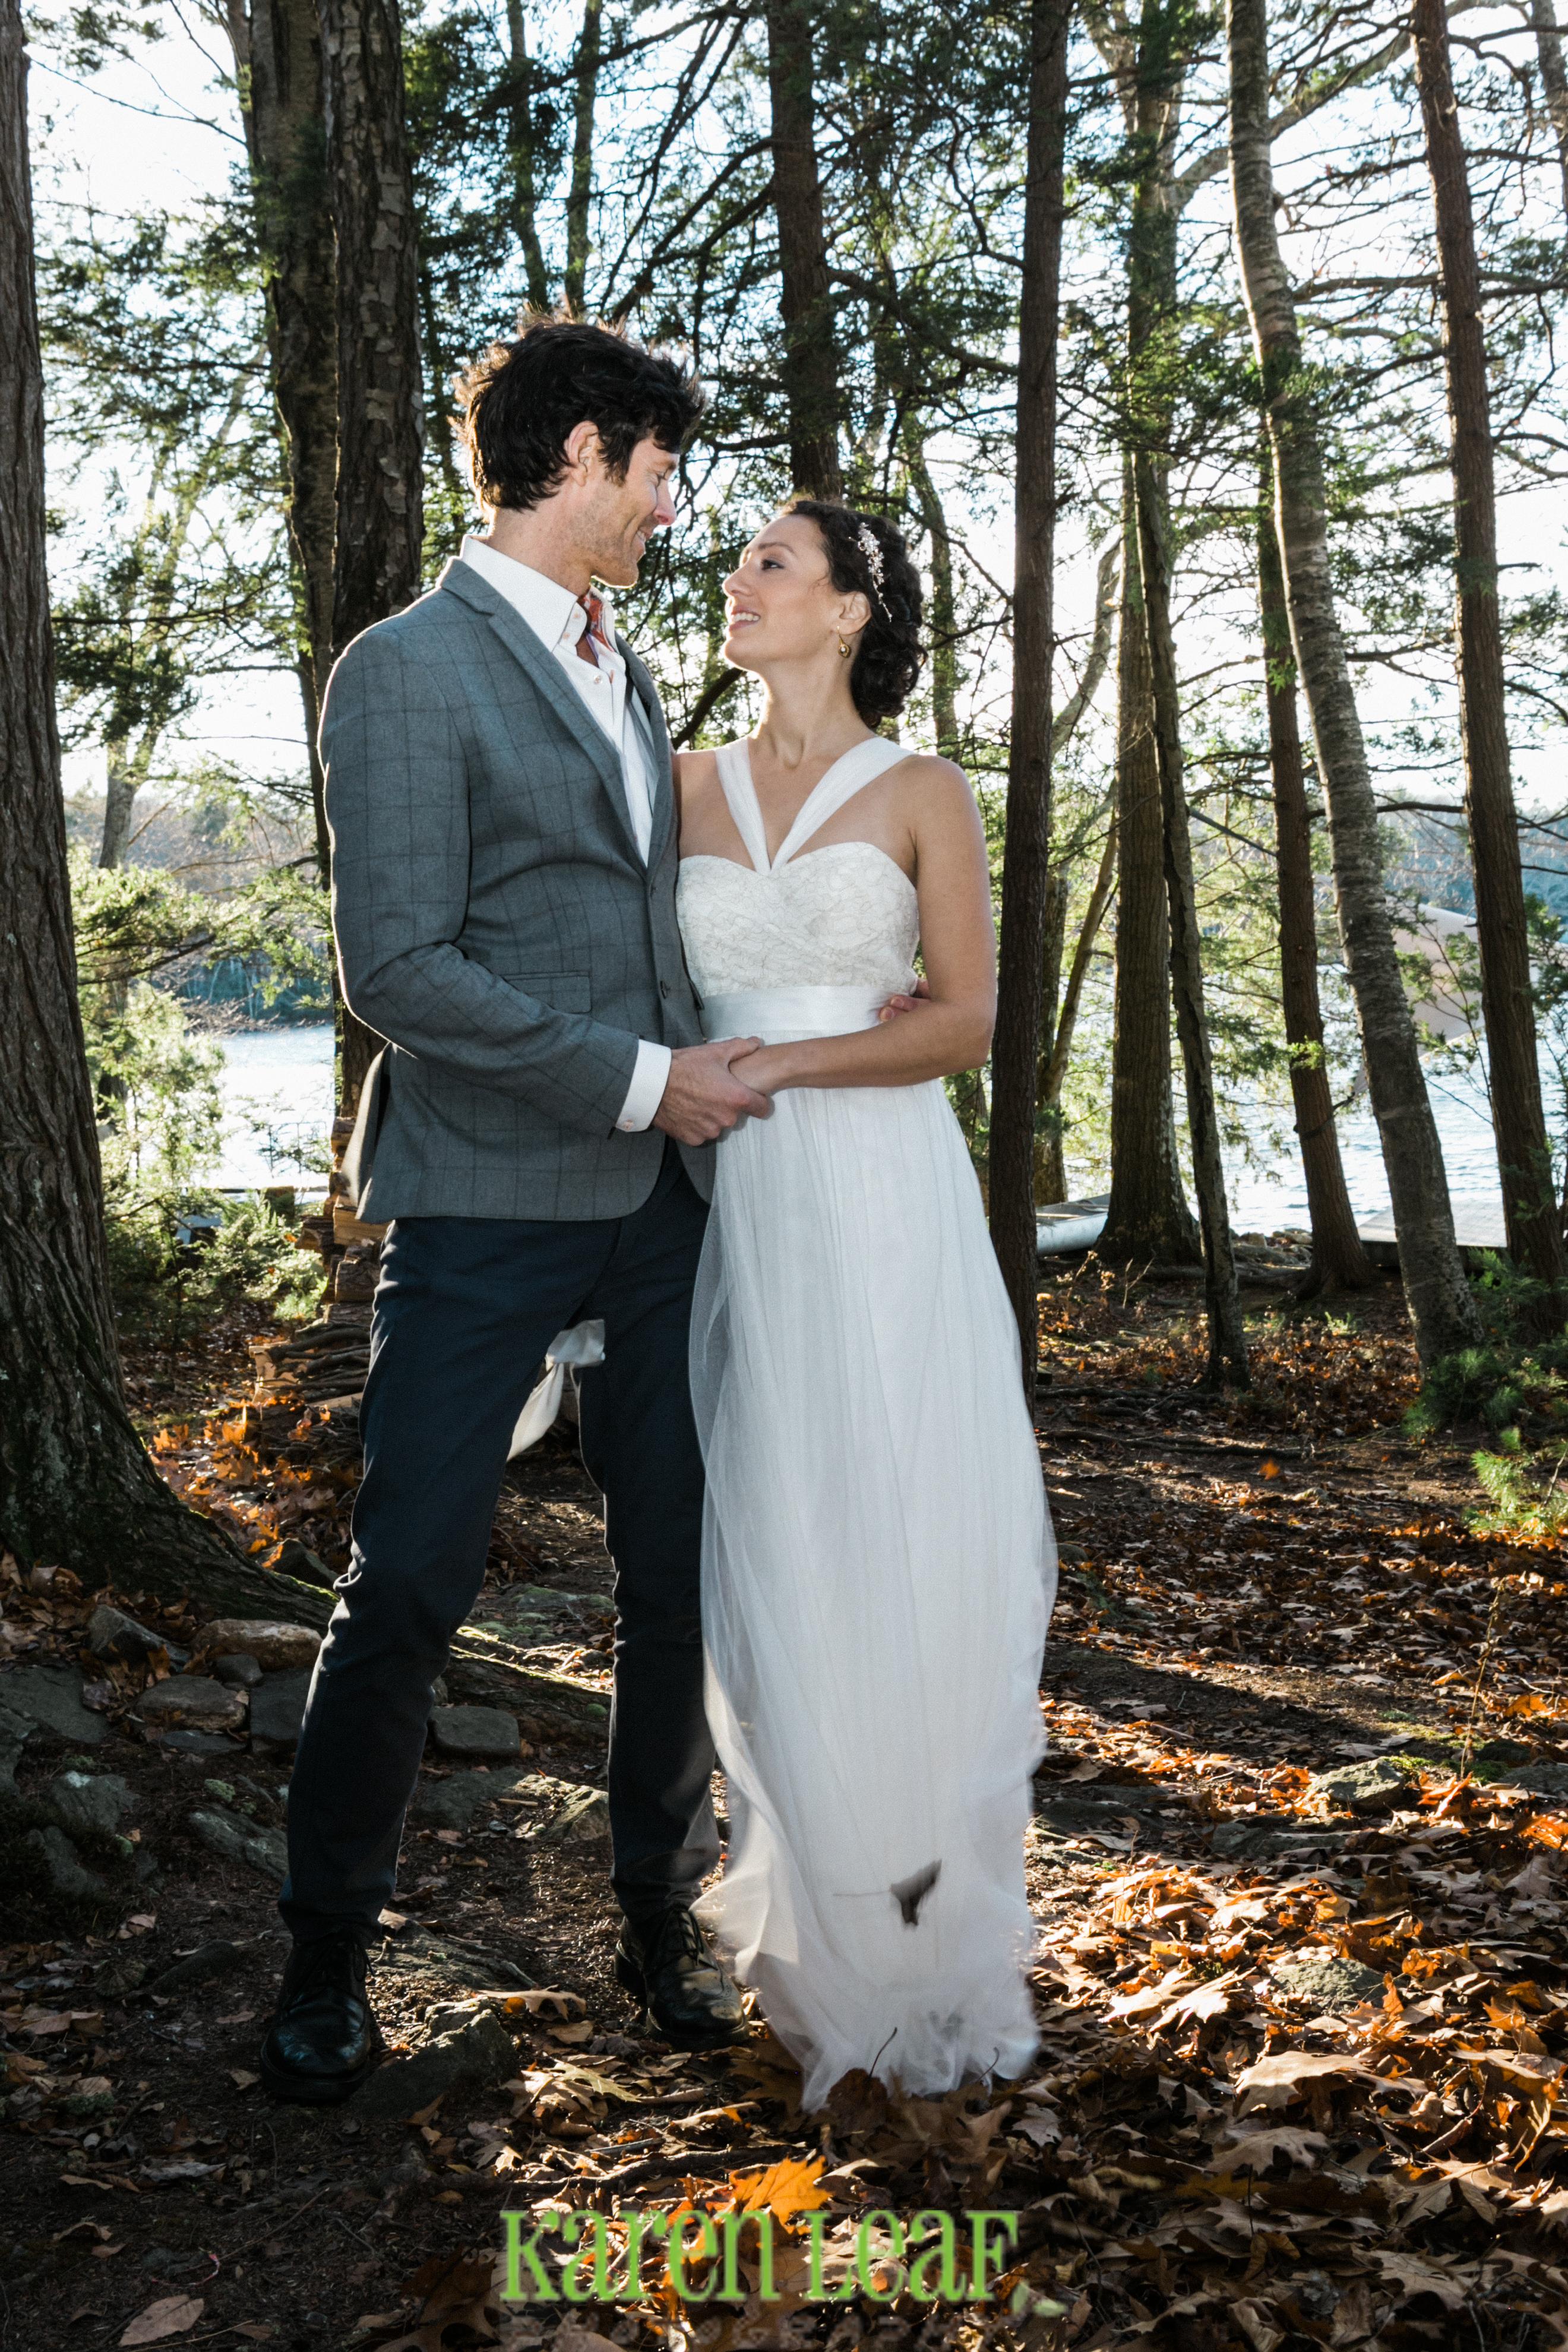 Private wedding ceremony, Woodstock CT